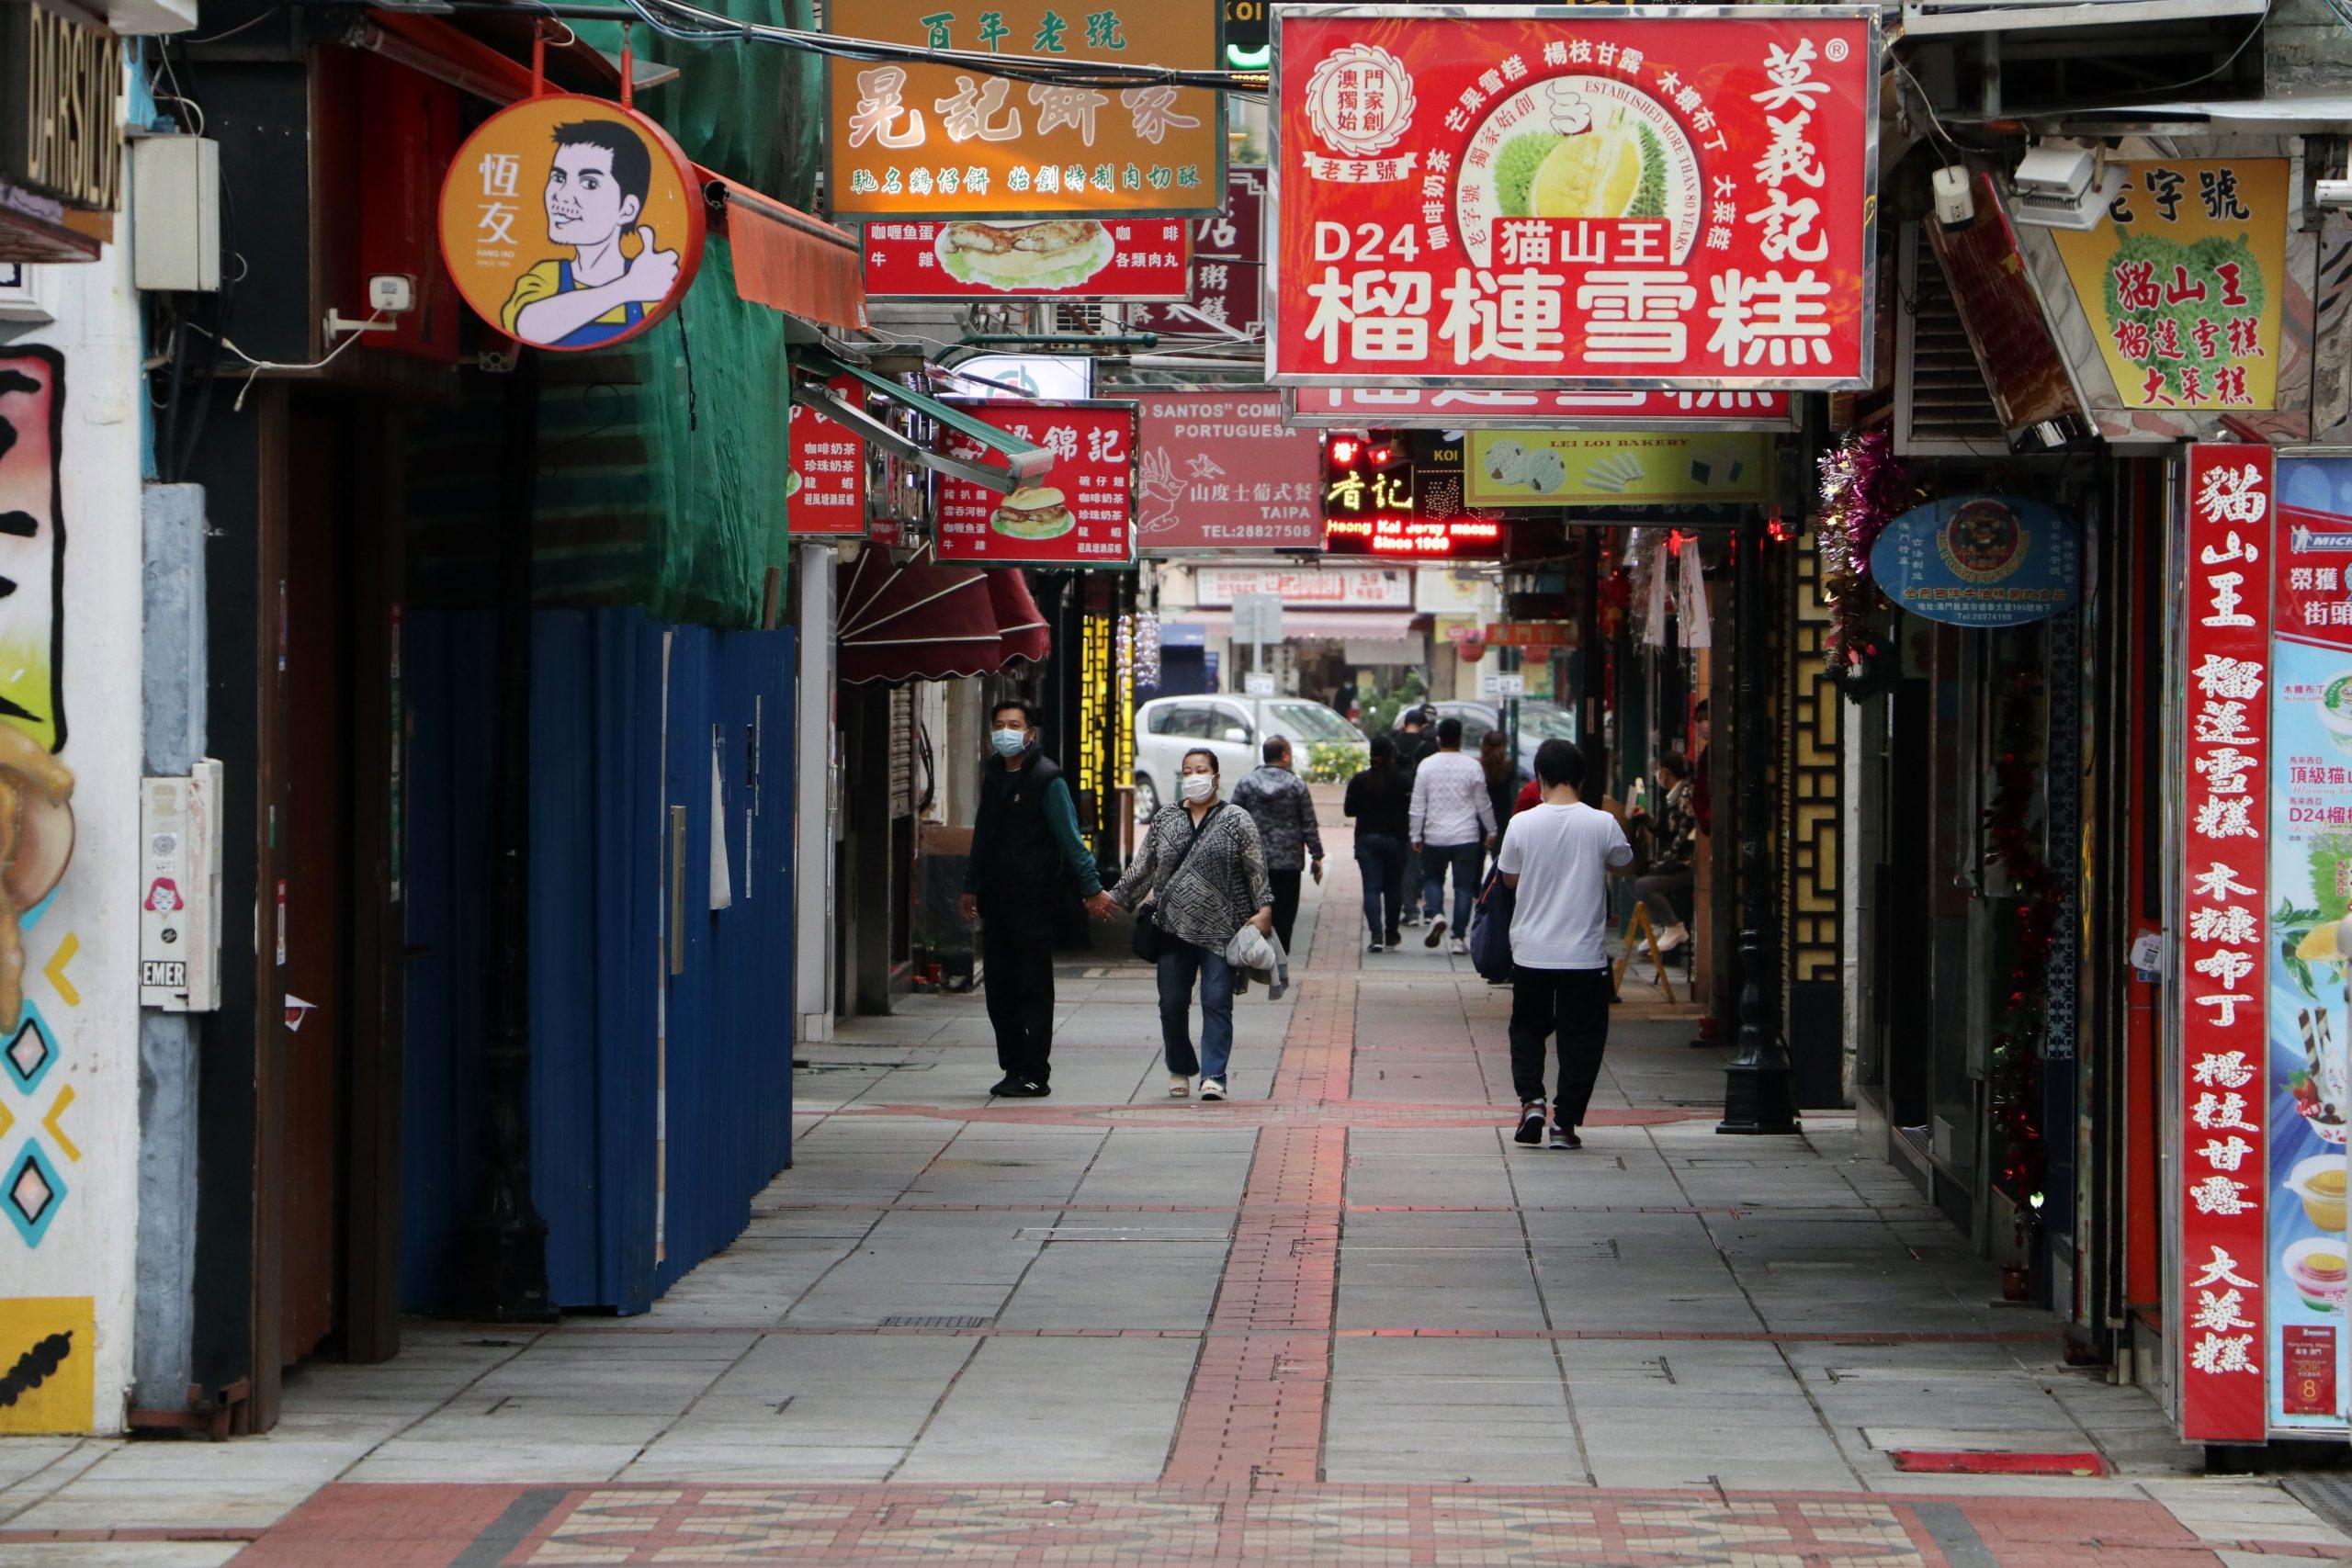 Foto Do Mercado De Macau Com Pessoas Usando Máscara, Ilustrando Pandemia De Coronavírus E Seus Efeito No Mercado